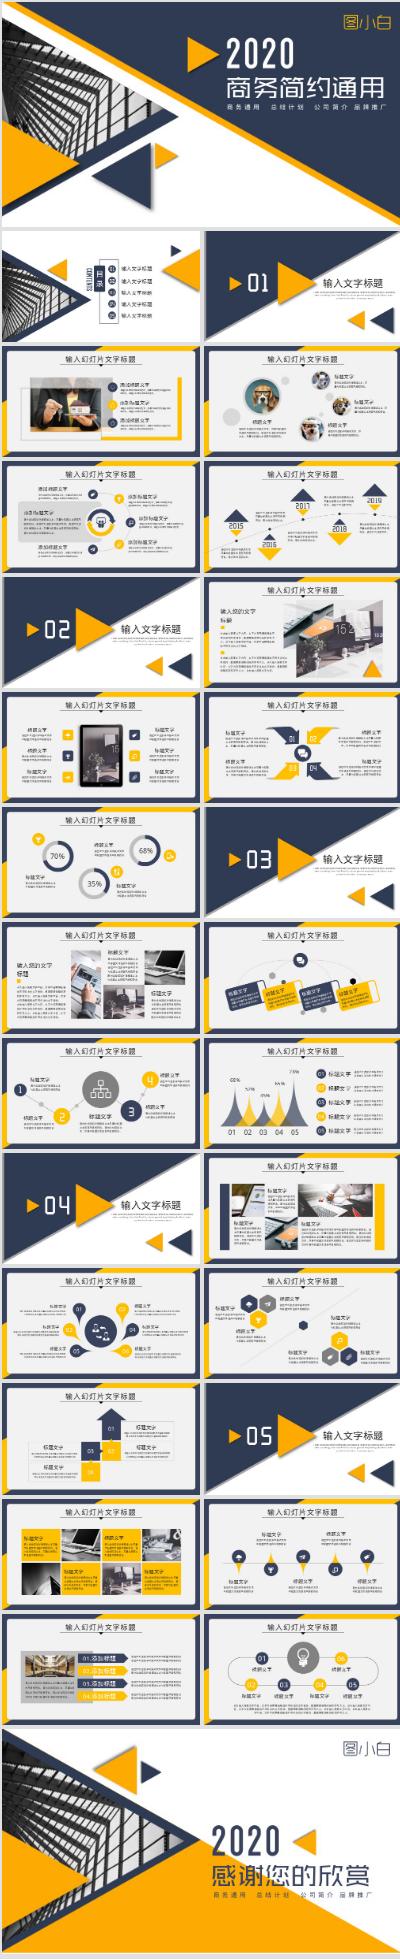 $藍黃配色工作總結商務通用模板